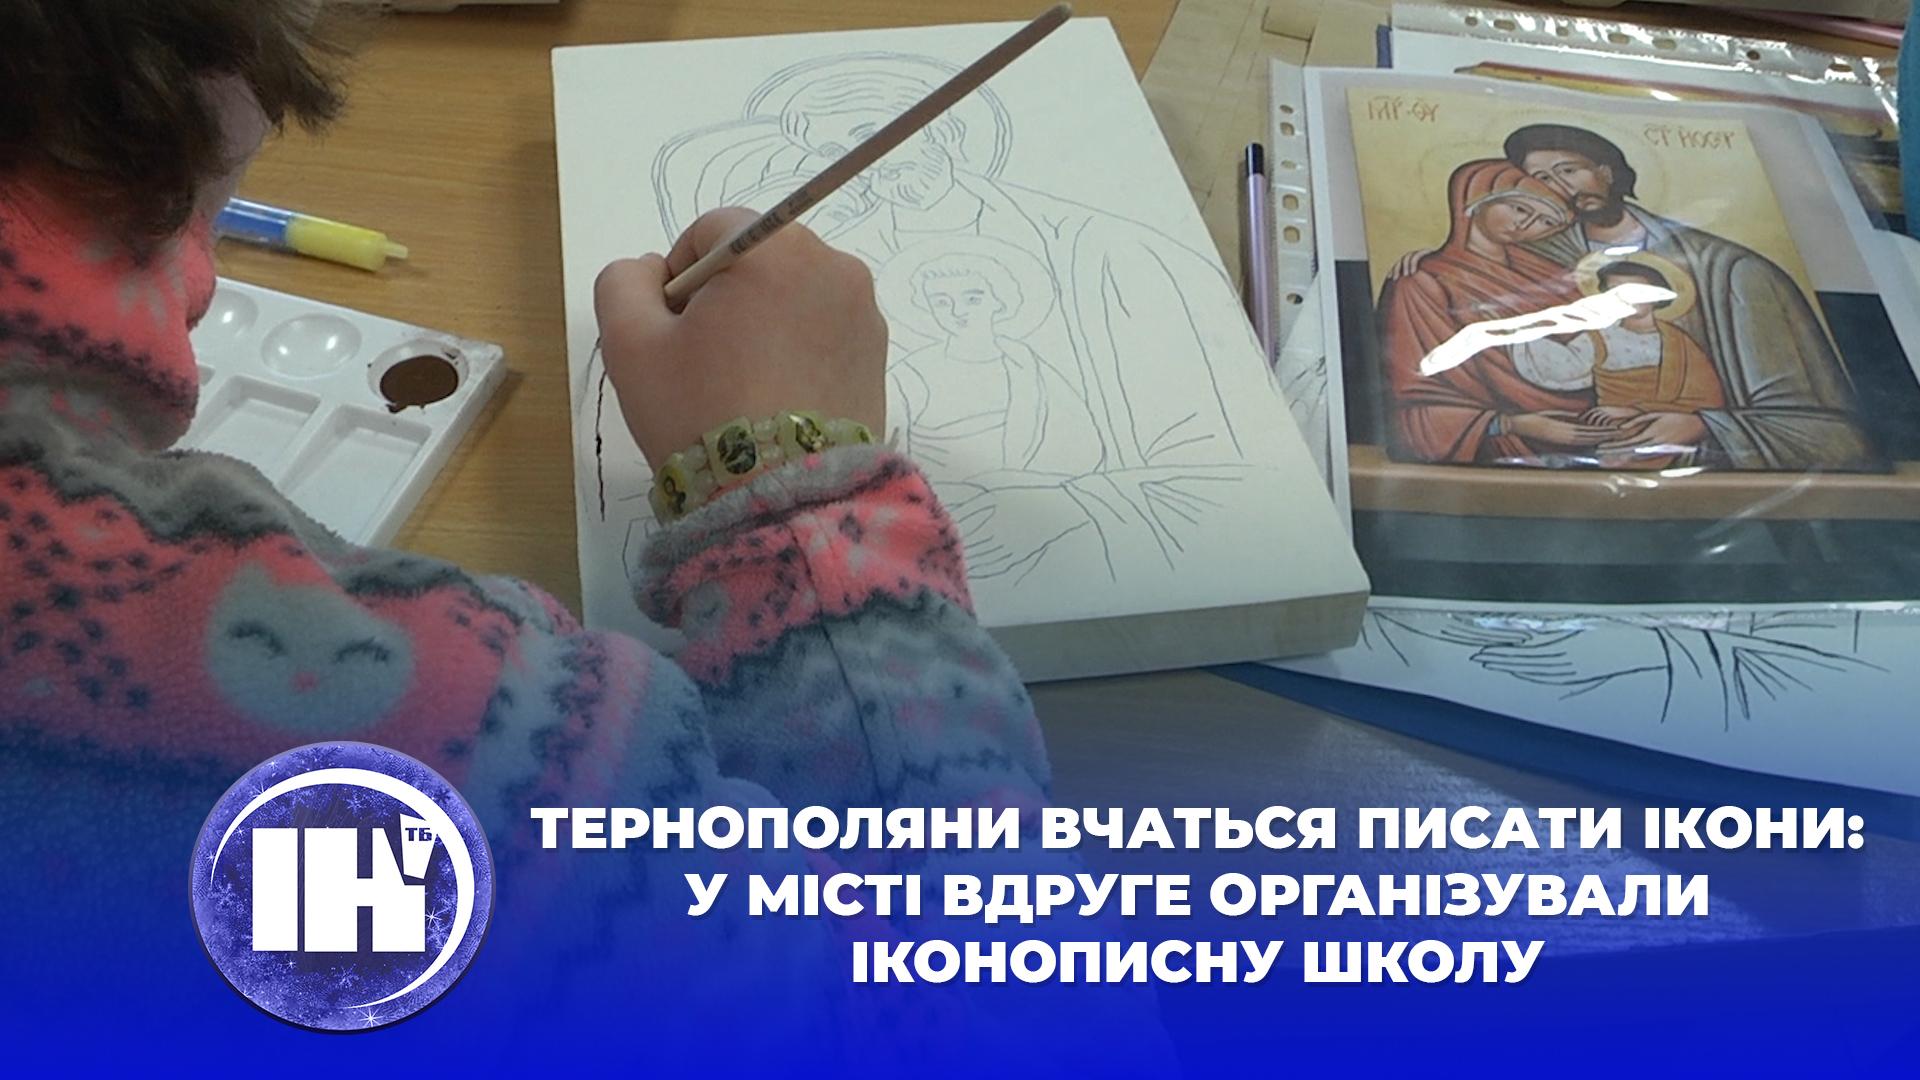 Тернополяни вчаться писати ікони: у місті вдруге організували іконописну школу